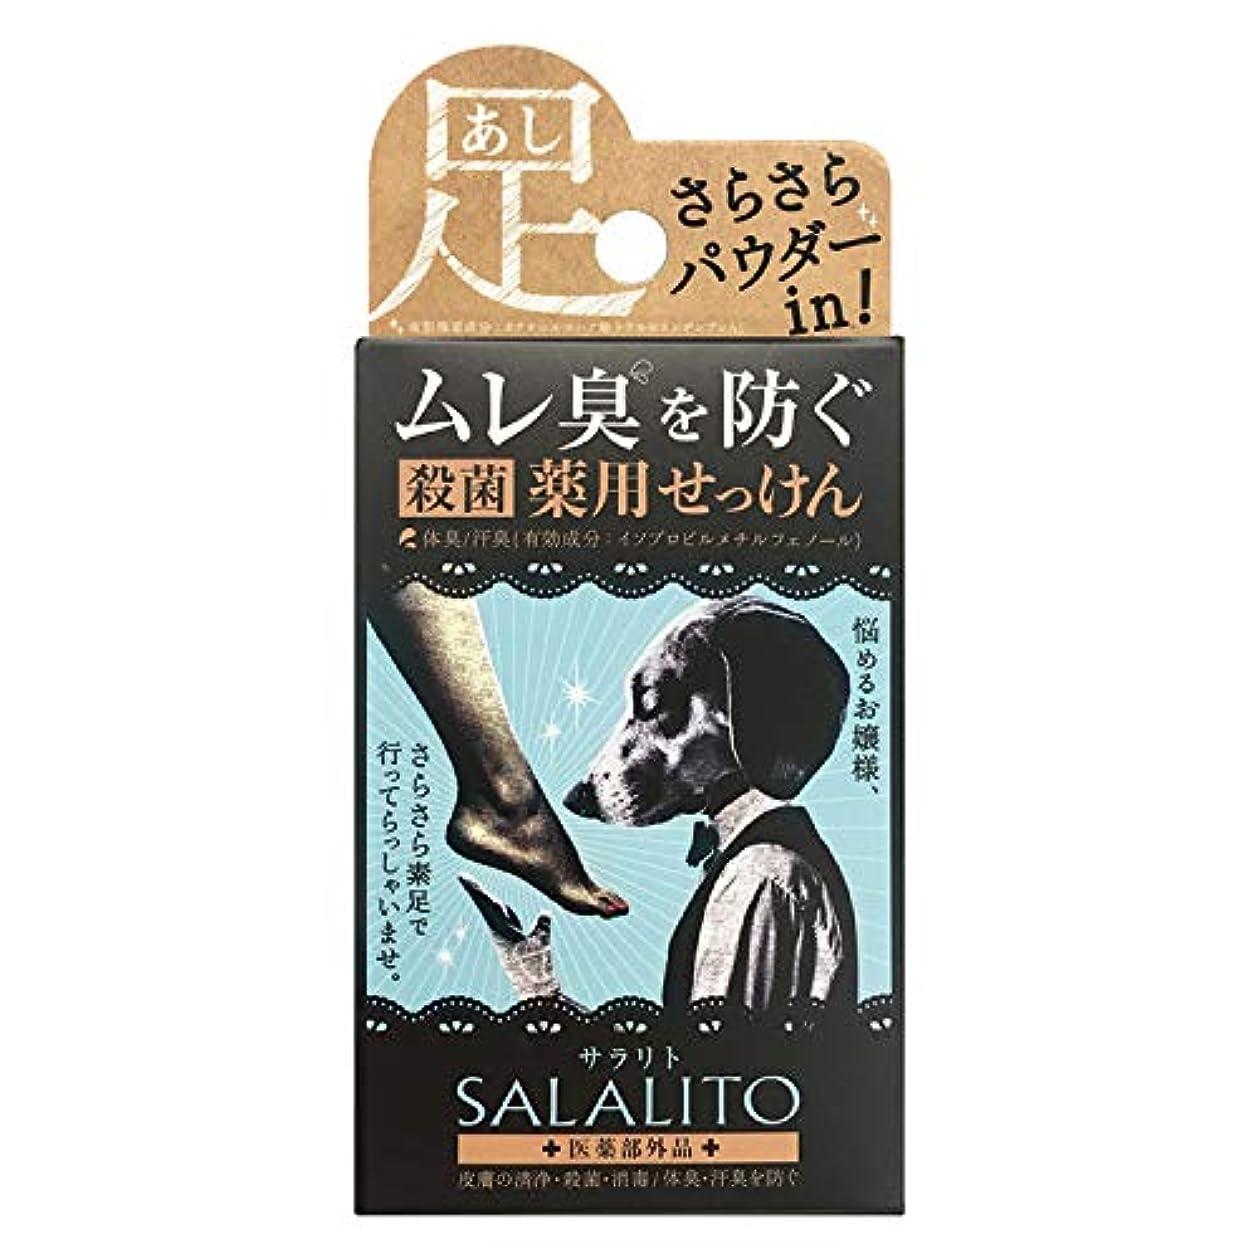 テンポ錆び女性ペリカン石鹸 薬用せっけんサラリト 75g